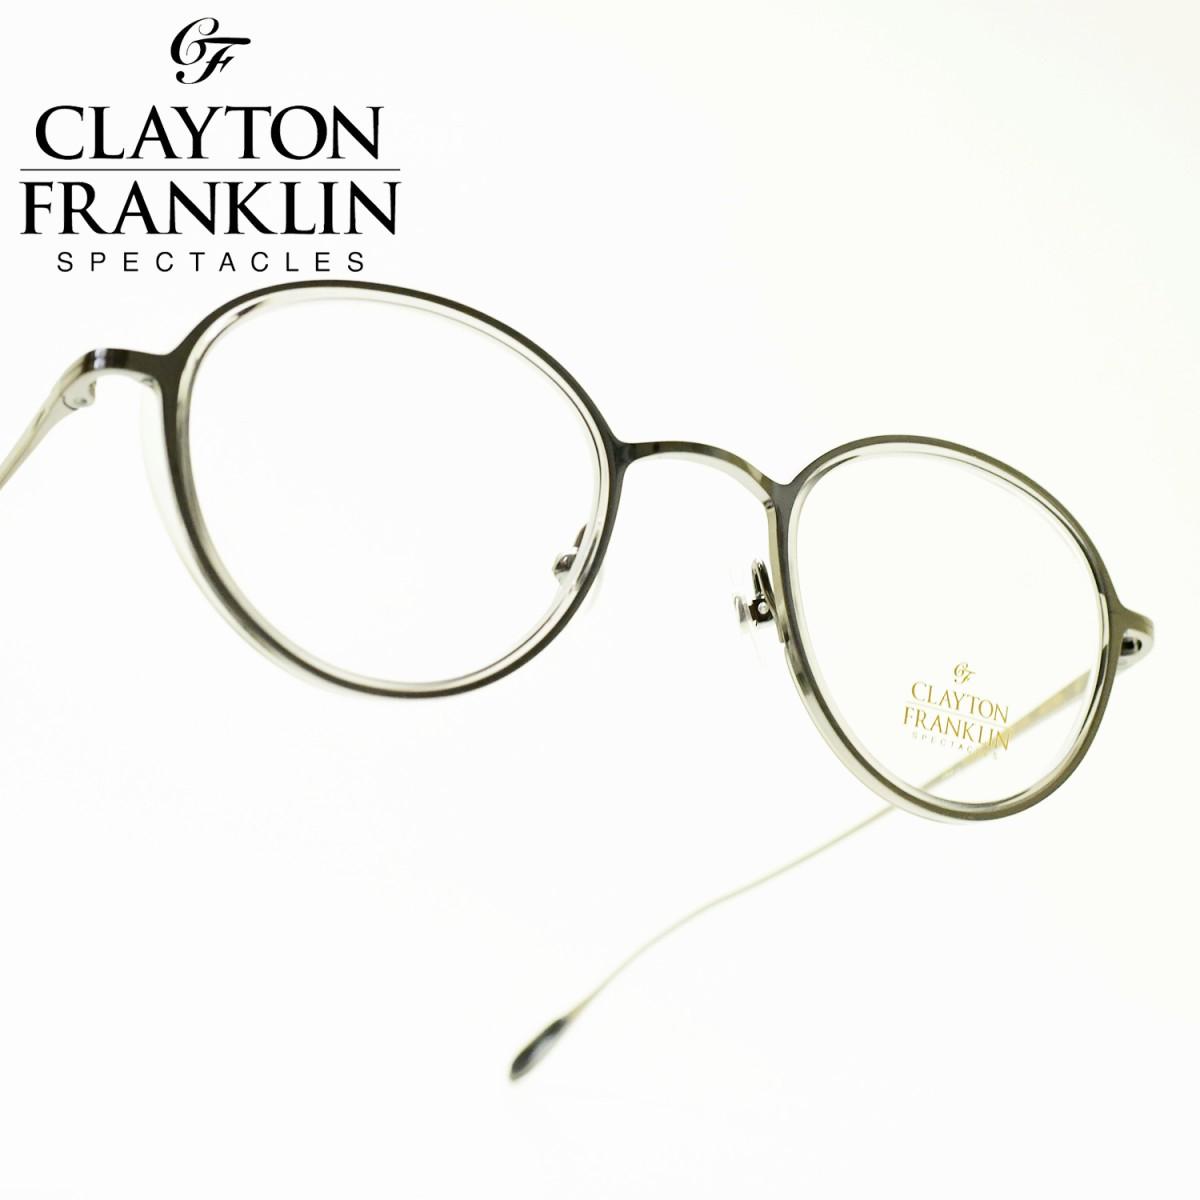 CLAYTON FRANKLIN クレイトンフランクリン627SS AS/GR(アンティークシルバー グレー/デモレンズ)メガネ 眼鏡 めがね メンズ レディース おしゃれブランド 人気 おすすめ フレーム 流行り 度付き レンズ